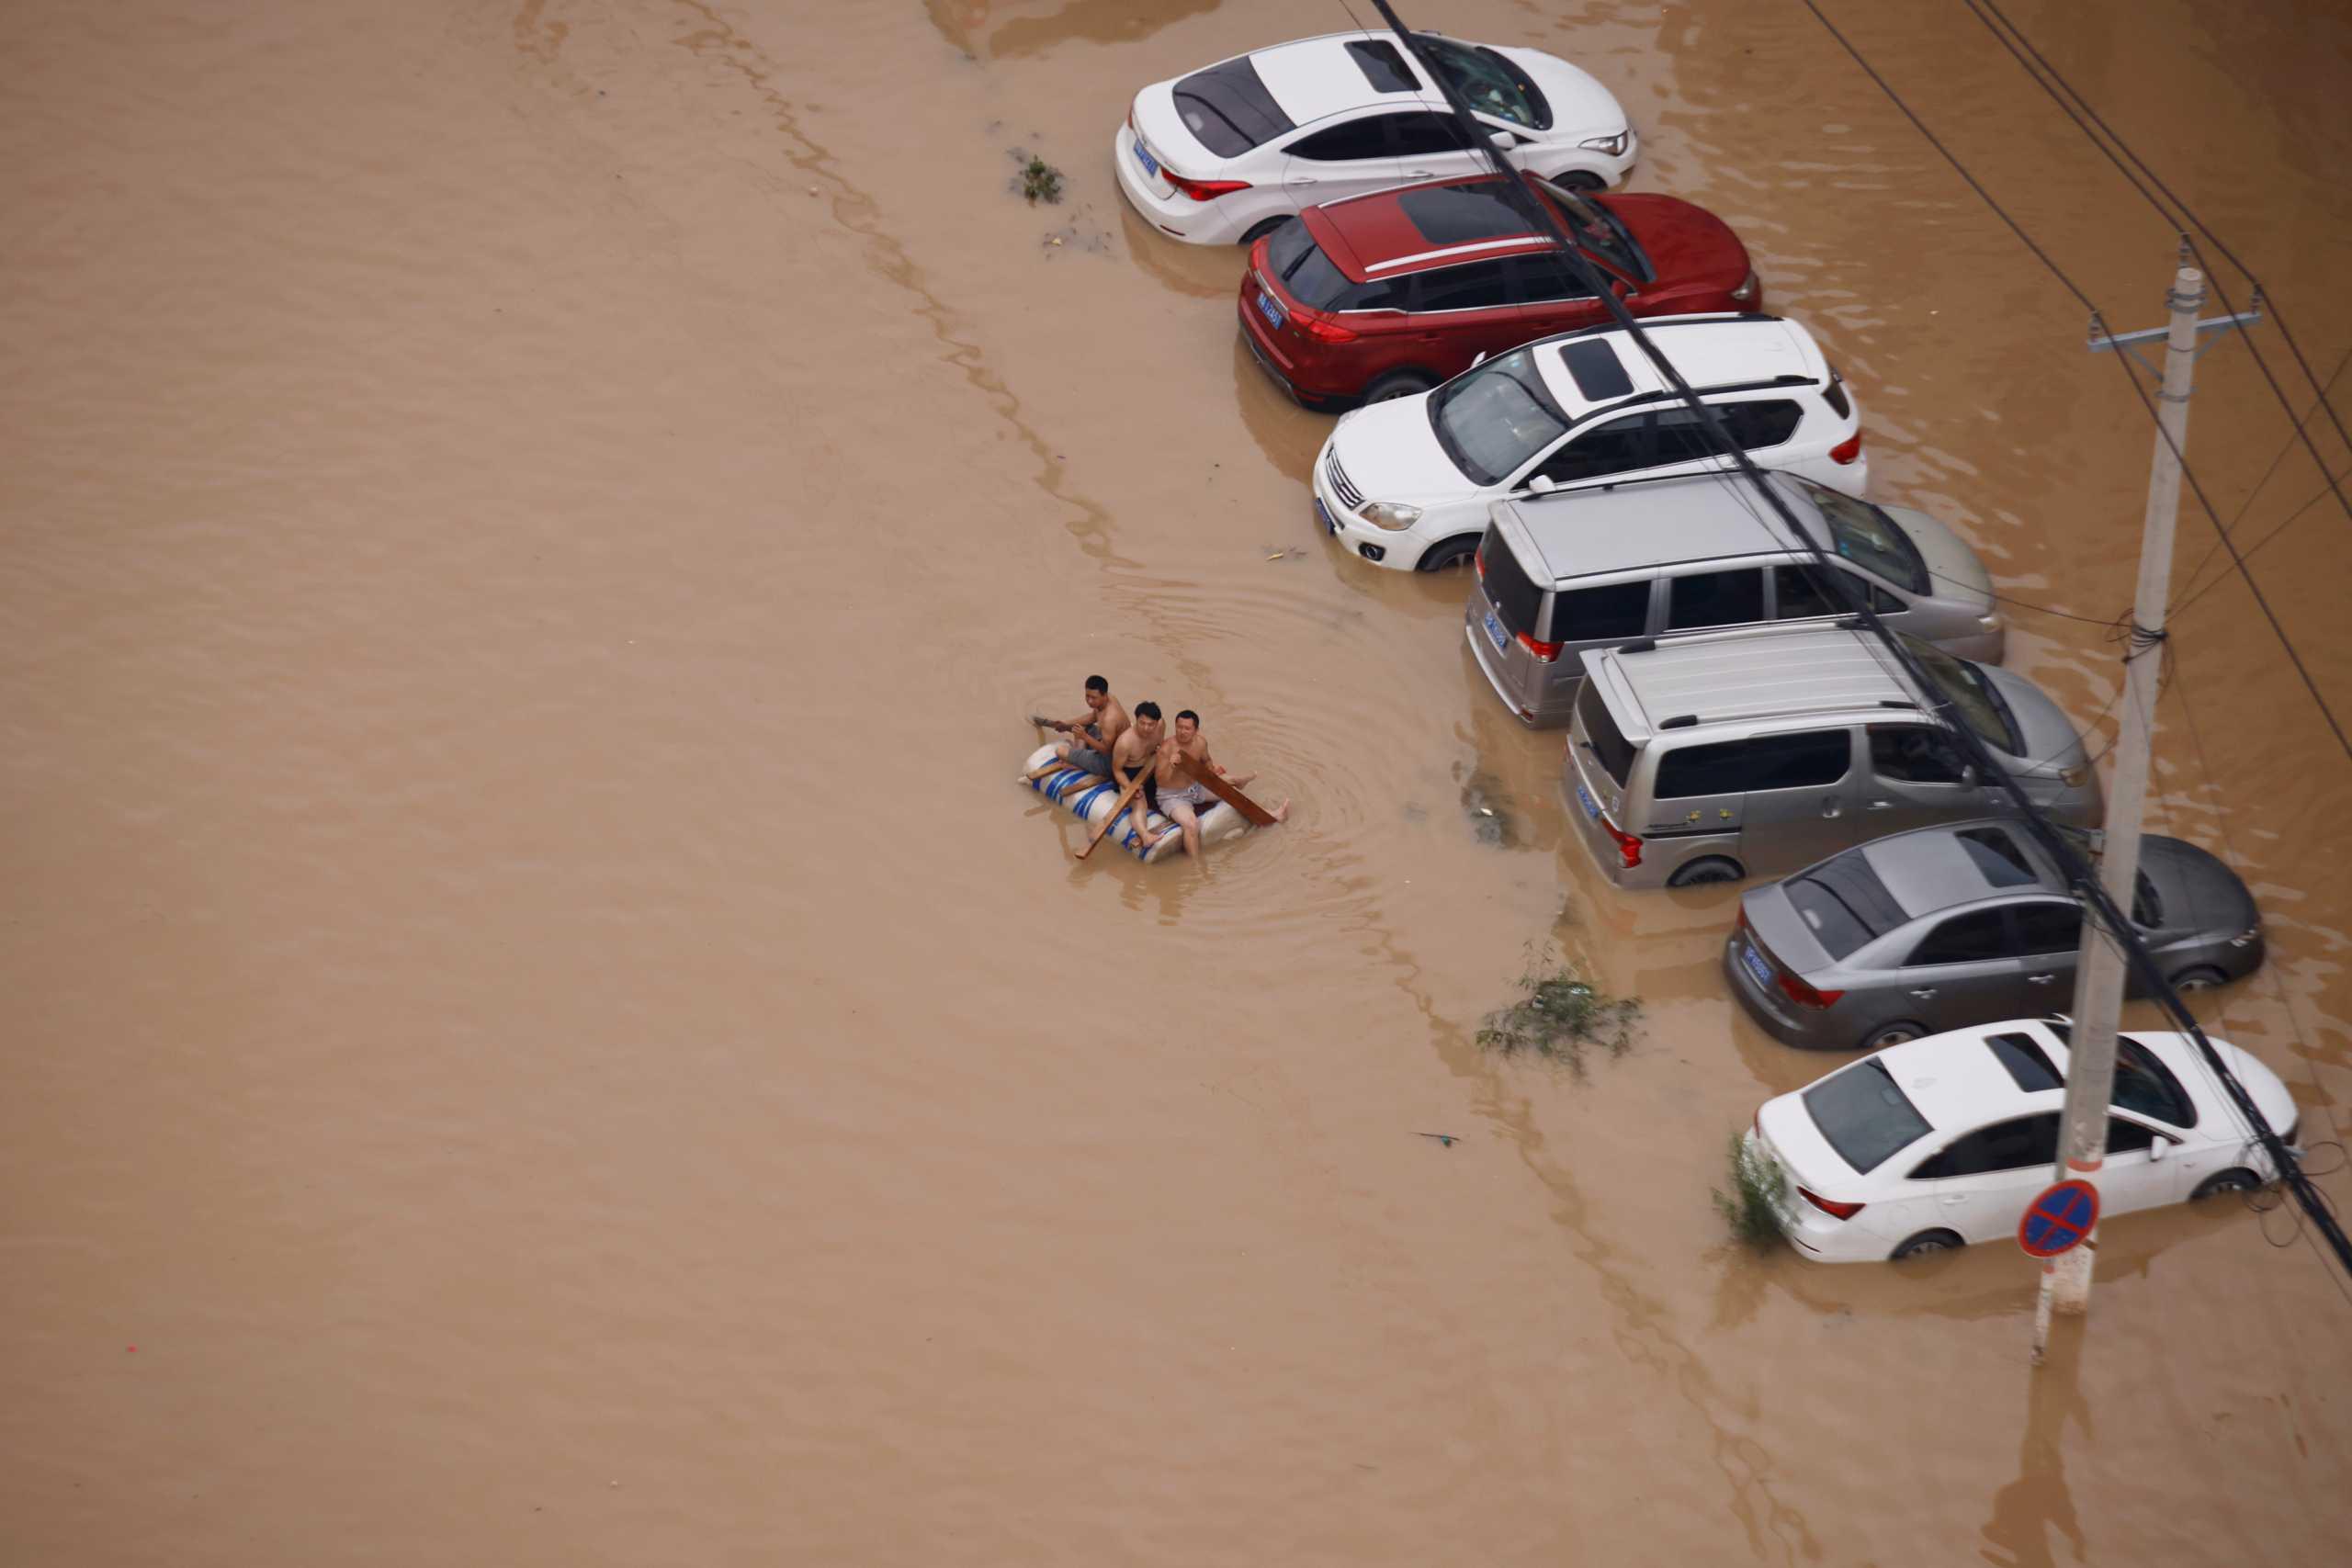 Κίνα: Δεν σταματούν να βρίσκουν πτώματα κάτω από τις λάσπες – 53 οι νεκροί από τις πλημμύρες